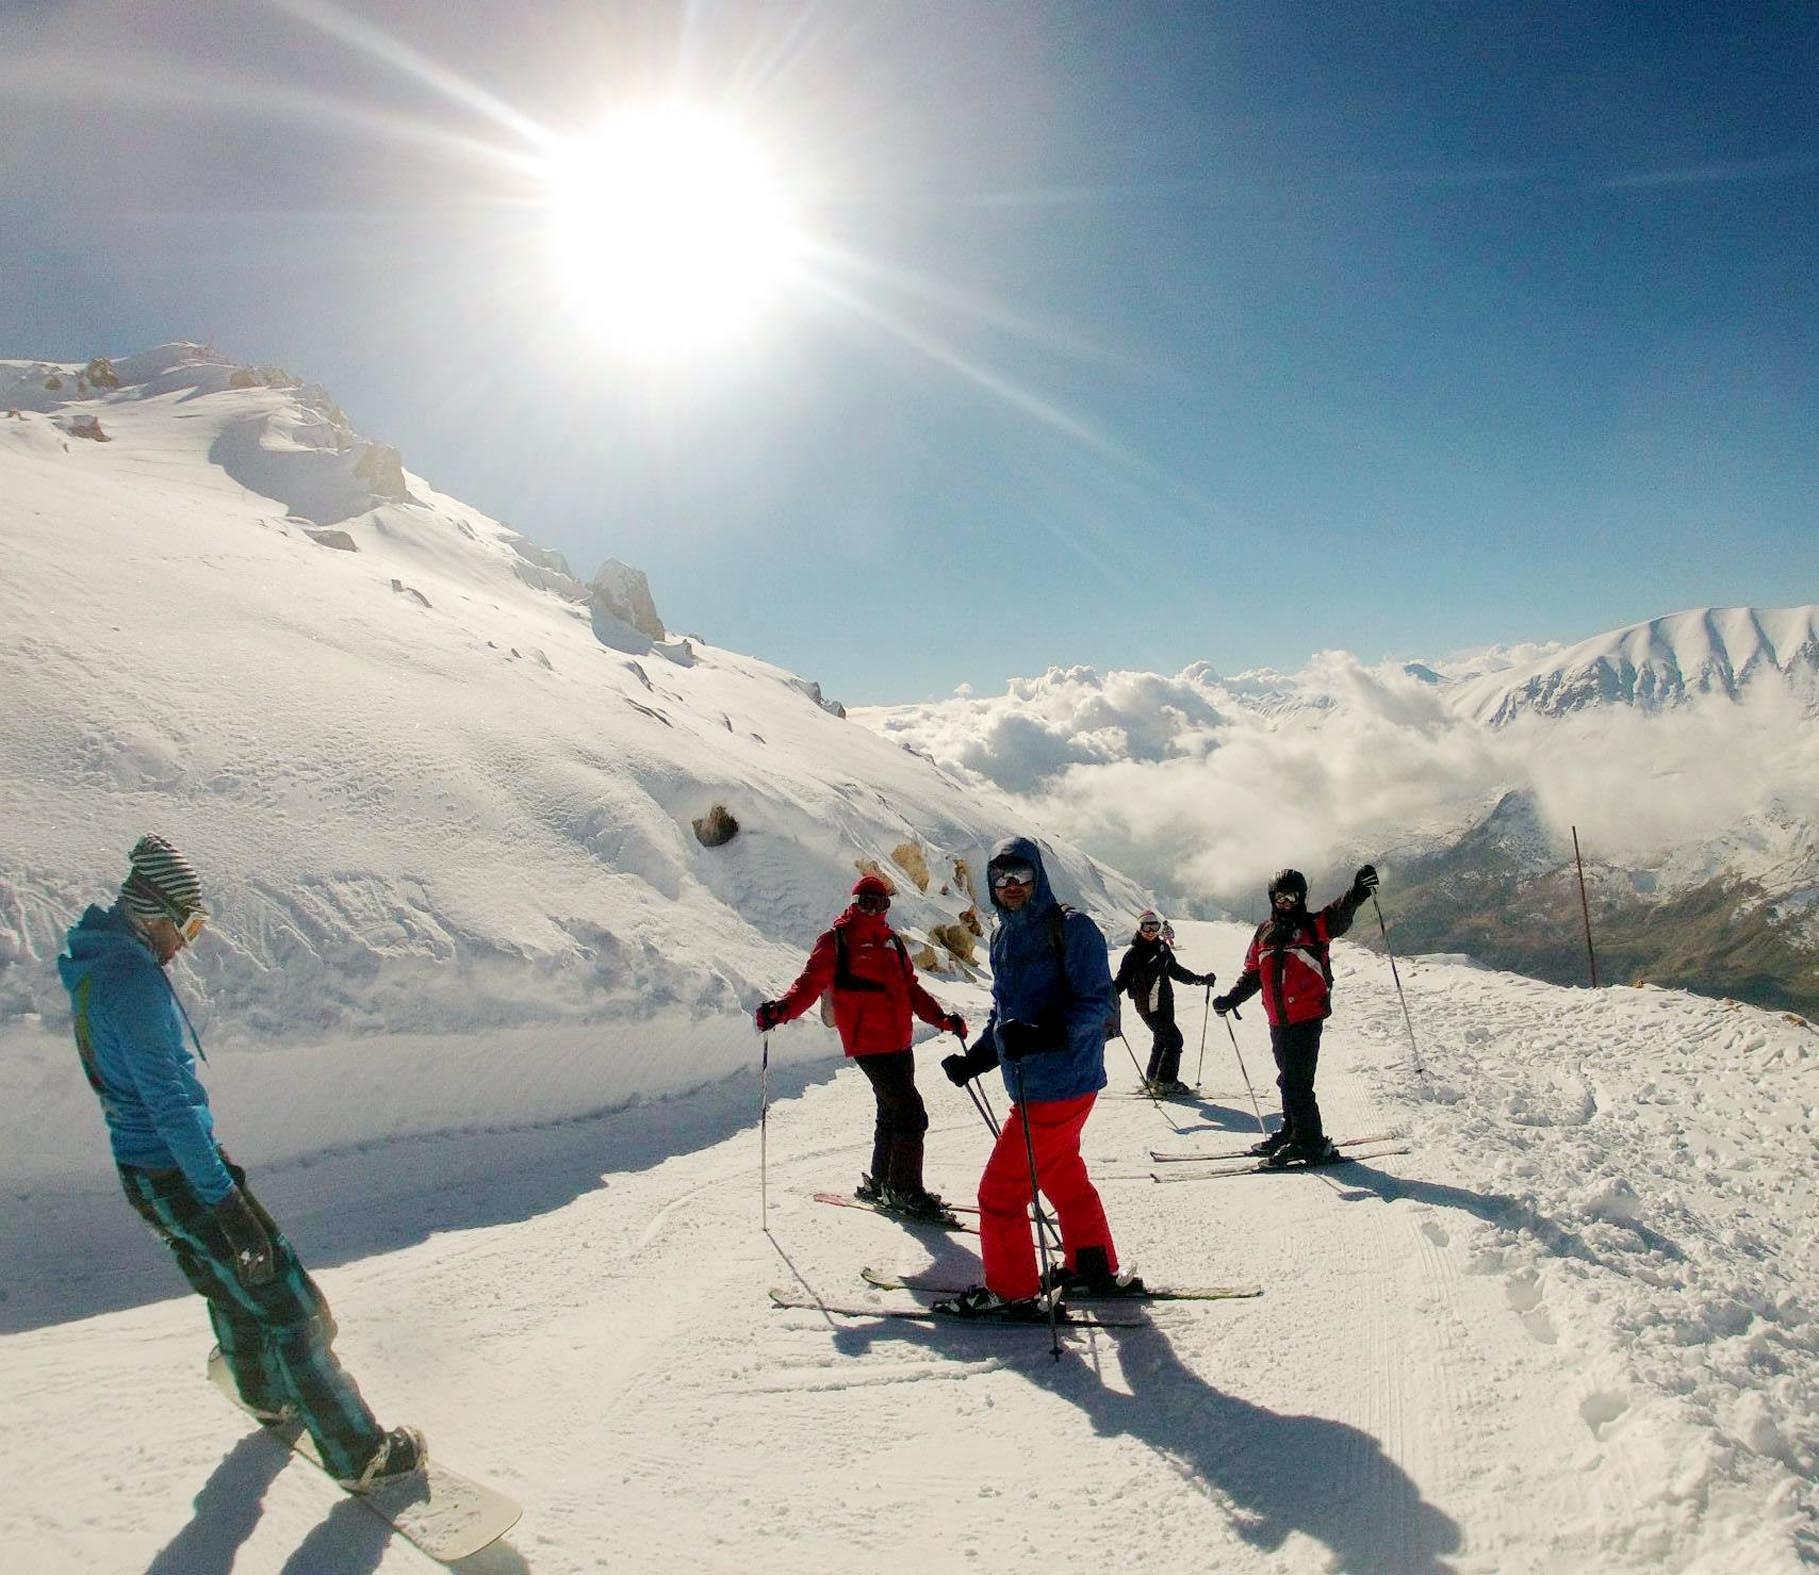 صور صور بياض الثلج , الجليد الابيض و جمال الطبيعة القاسية